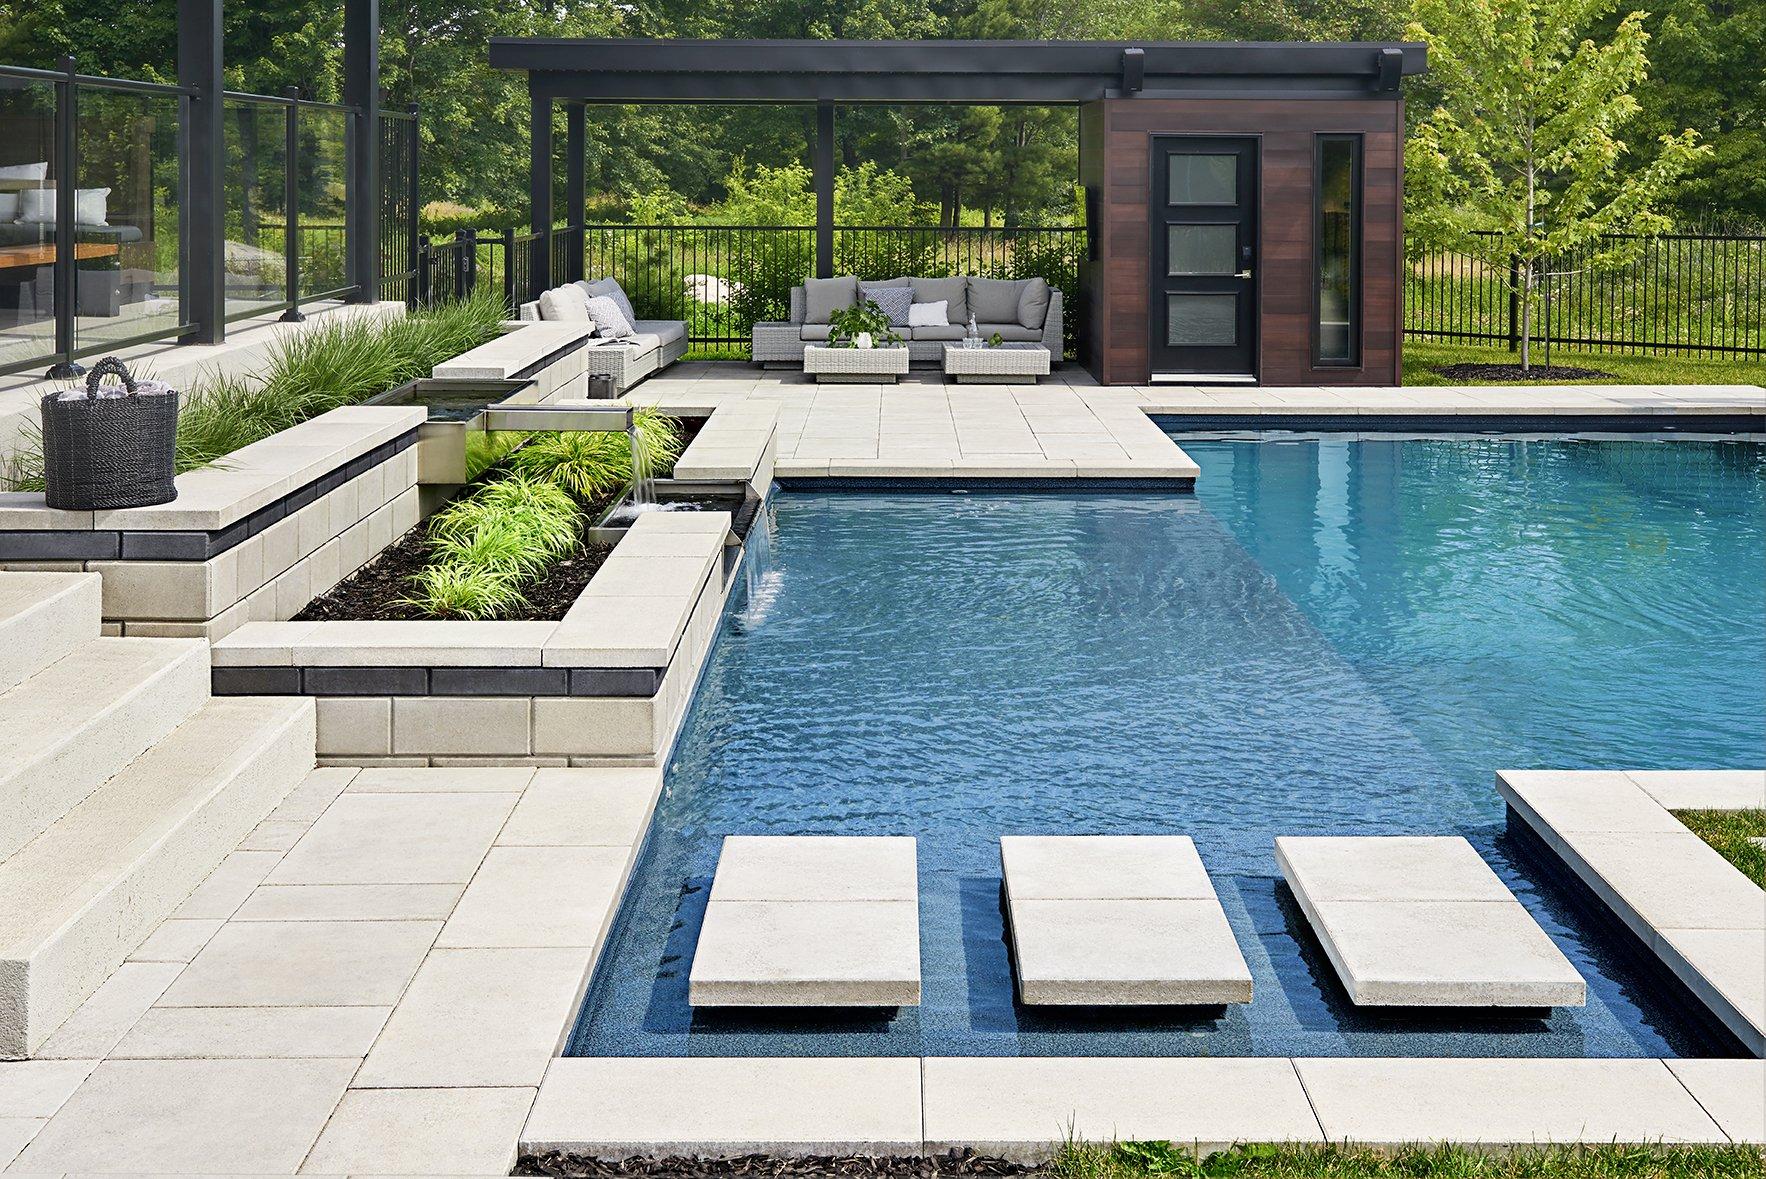 11 inground pool landscaping ideas